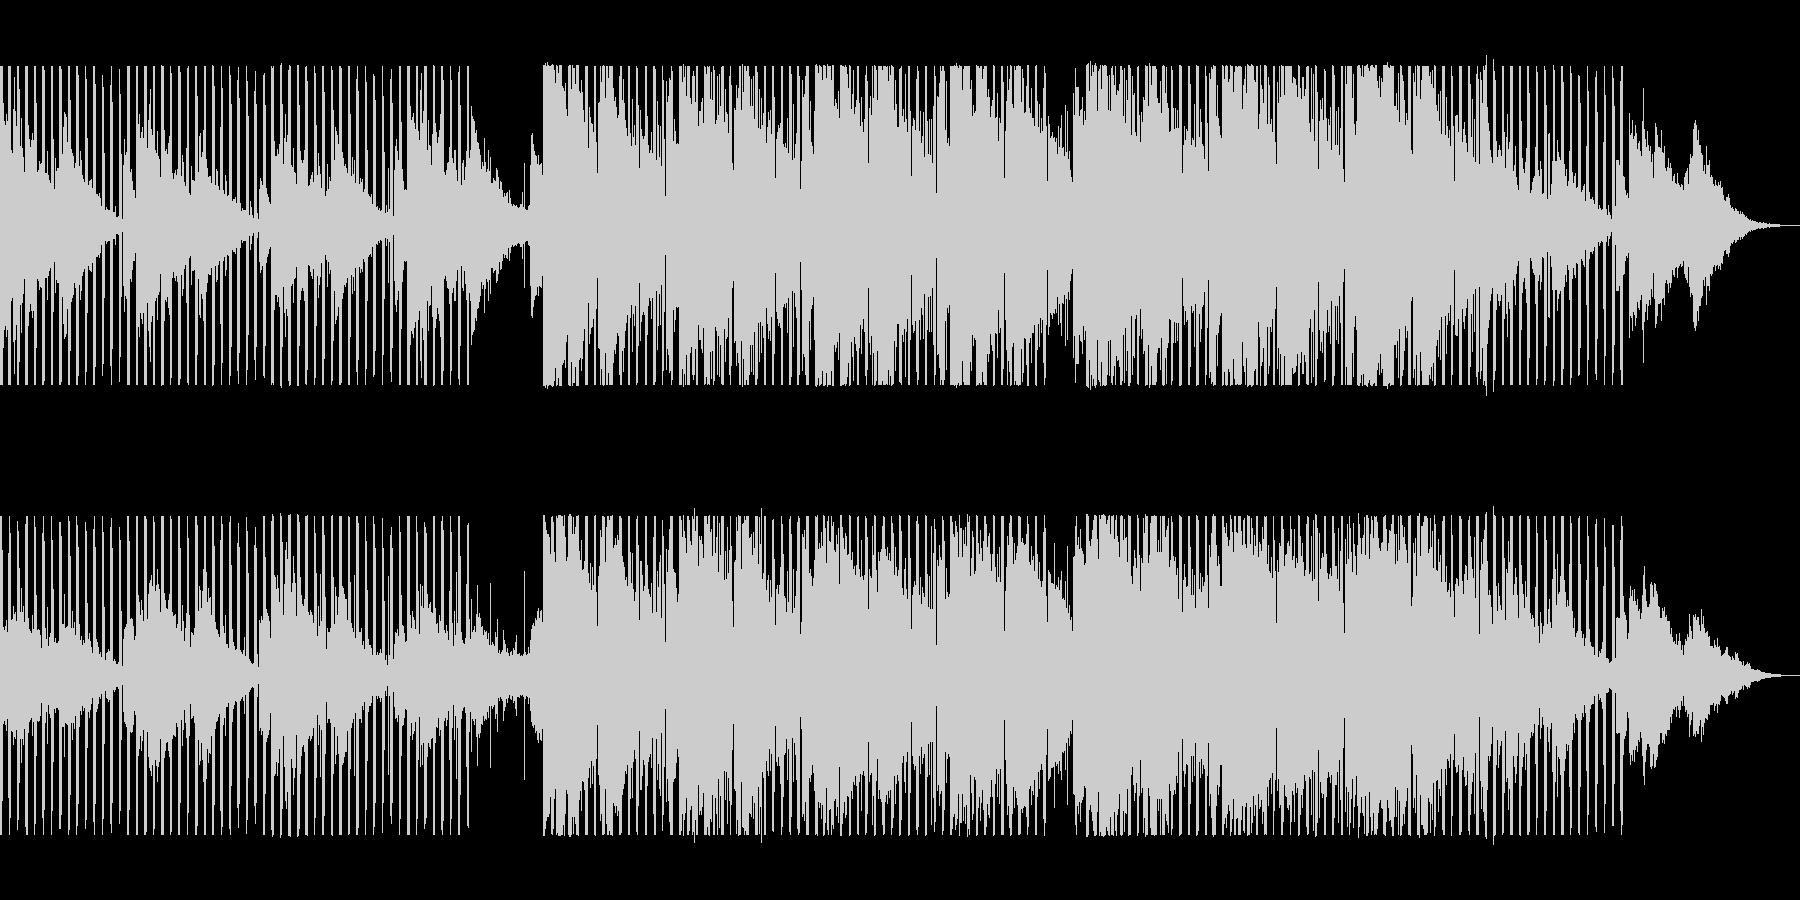 緩やかで穏やかなシンセピアノテクノポップの未再生の波形